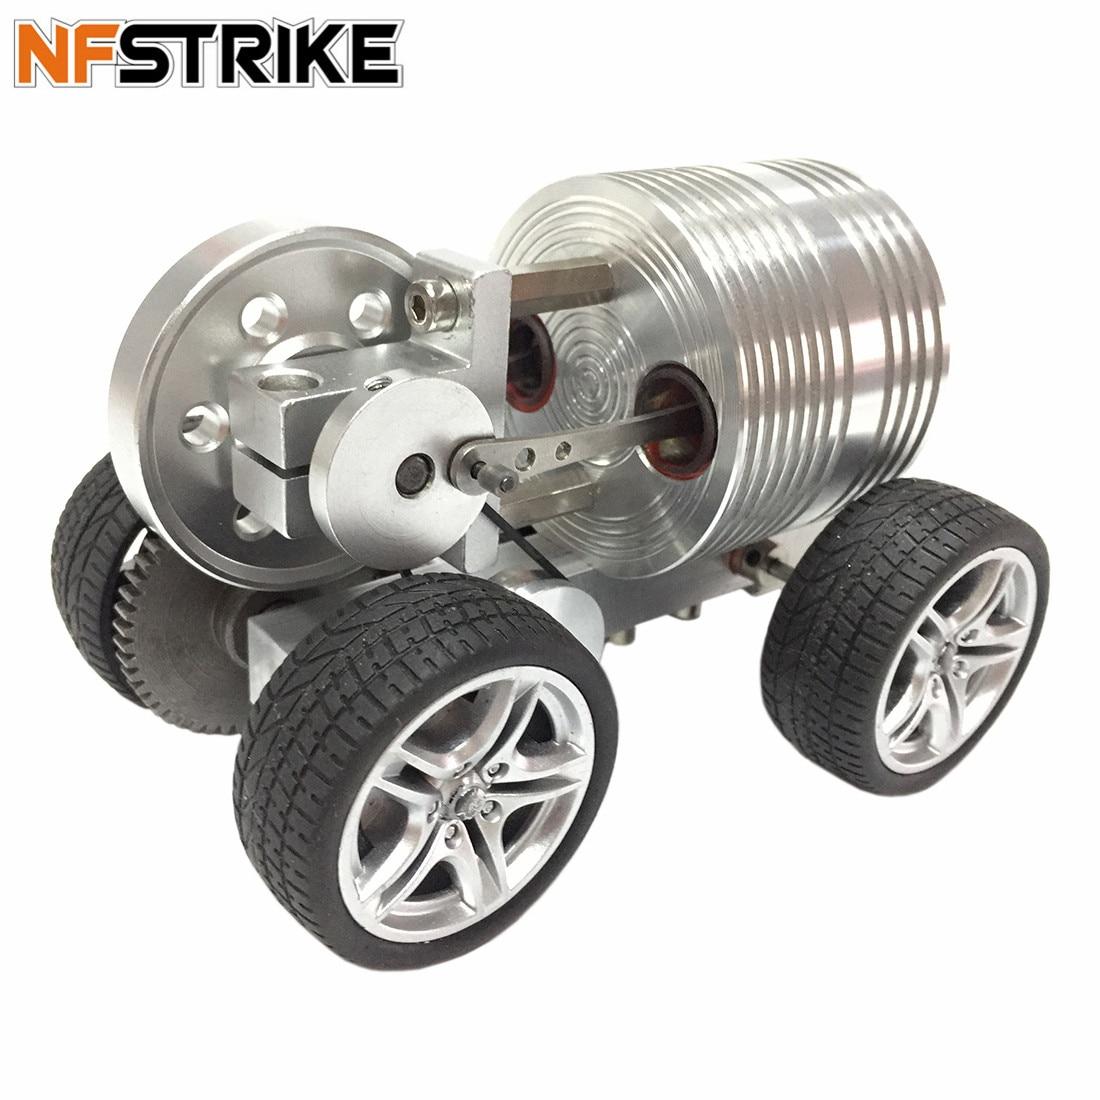 Oyuncaklar ve Hobi Ürünleri'ten Modeli Yapı Setleri'de 2019 Yeni Tasarım Launchable Gelişmiş Sürüm Lastik Tekerlekli Araba Stirling Motor Modeli çocuk için oyuncak doğum günü hediyesi'da  Grup 1